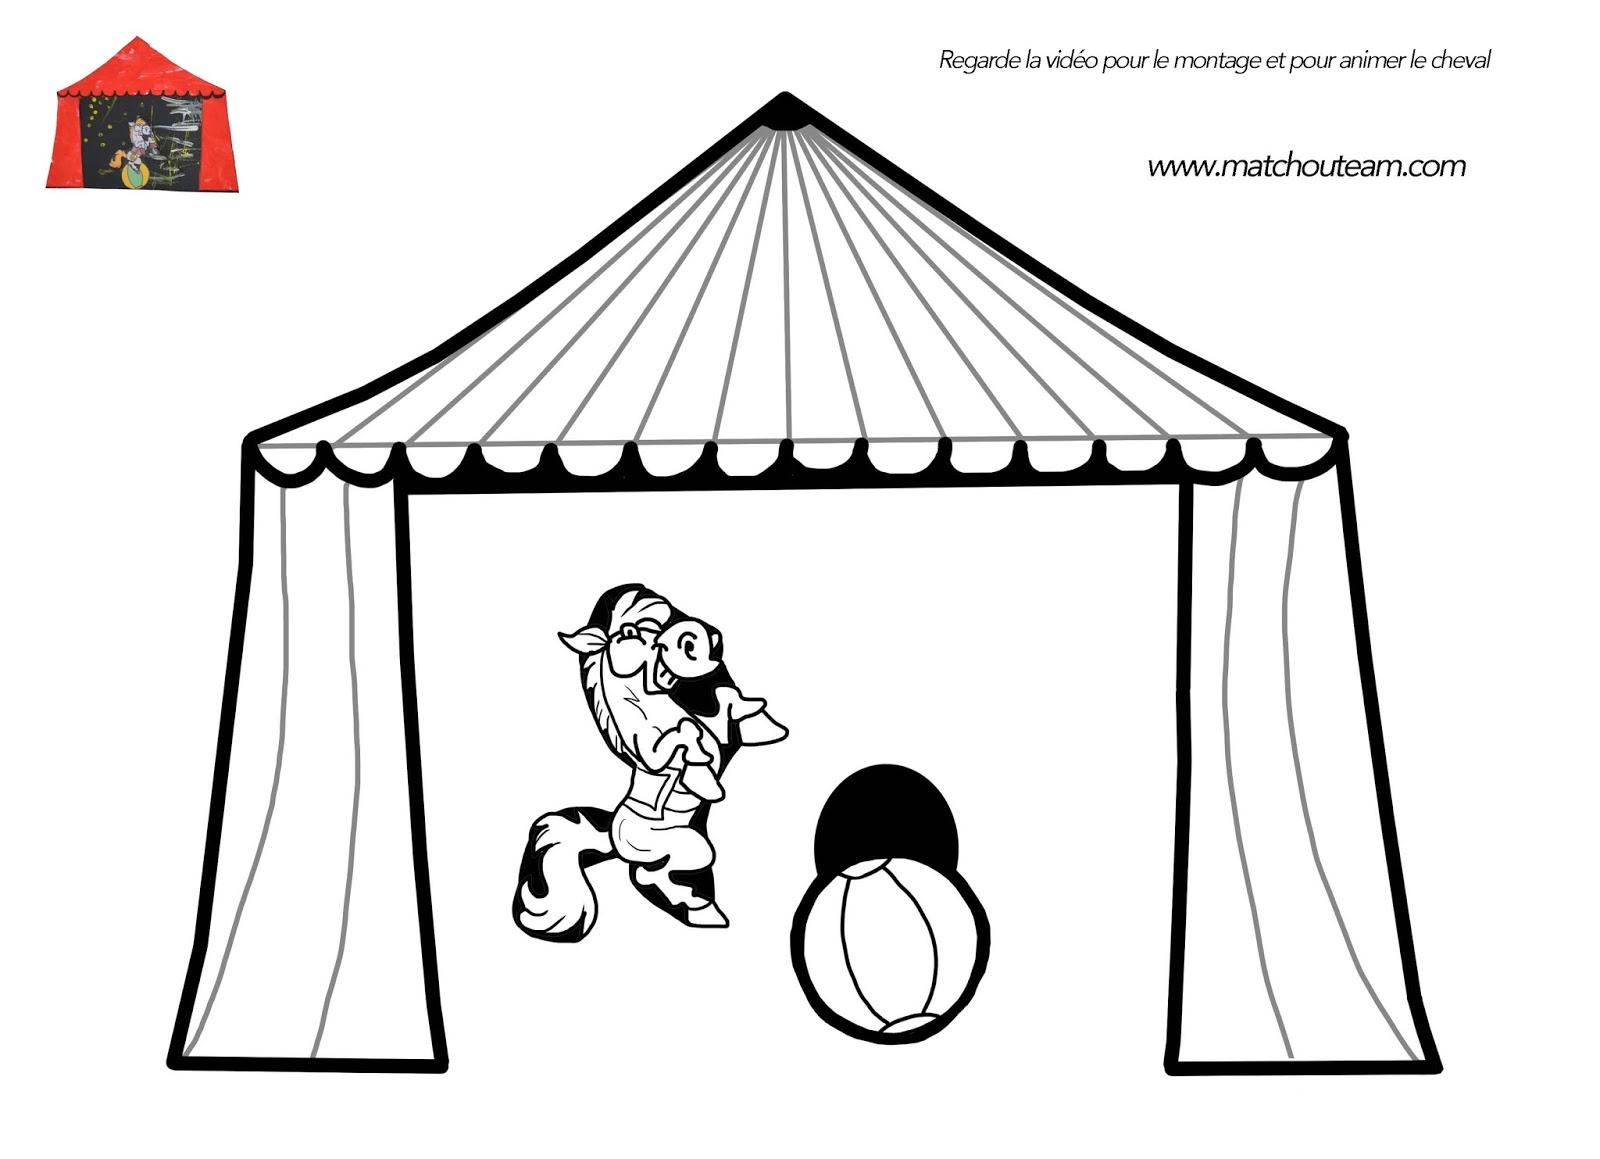 Coloriage Chapiteau Cirque - Coloriage Cirque à imprimer Coloriages Divers